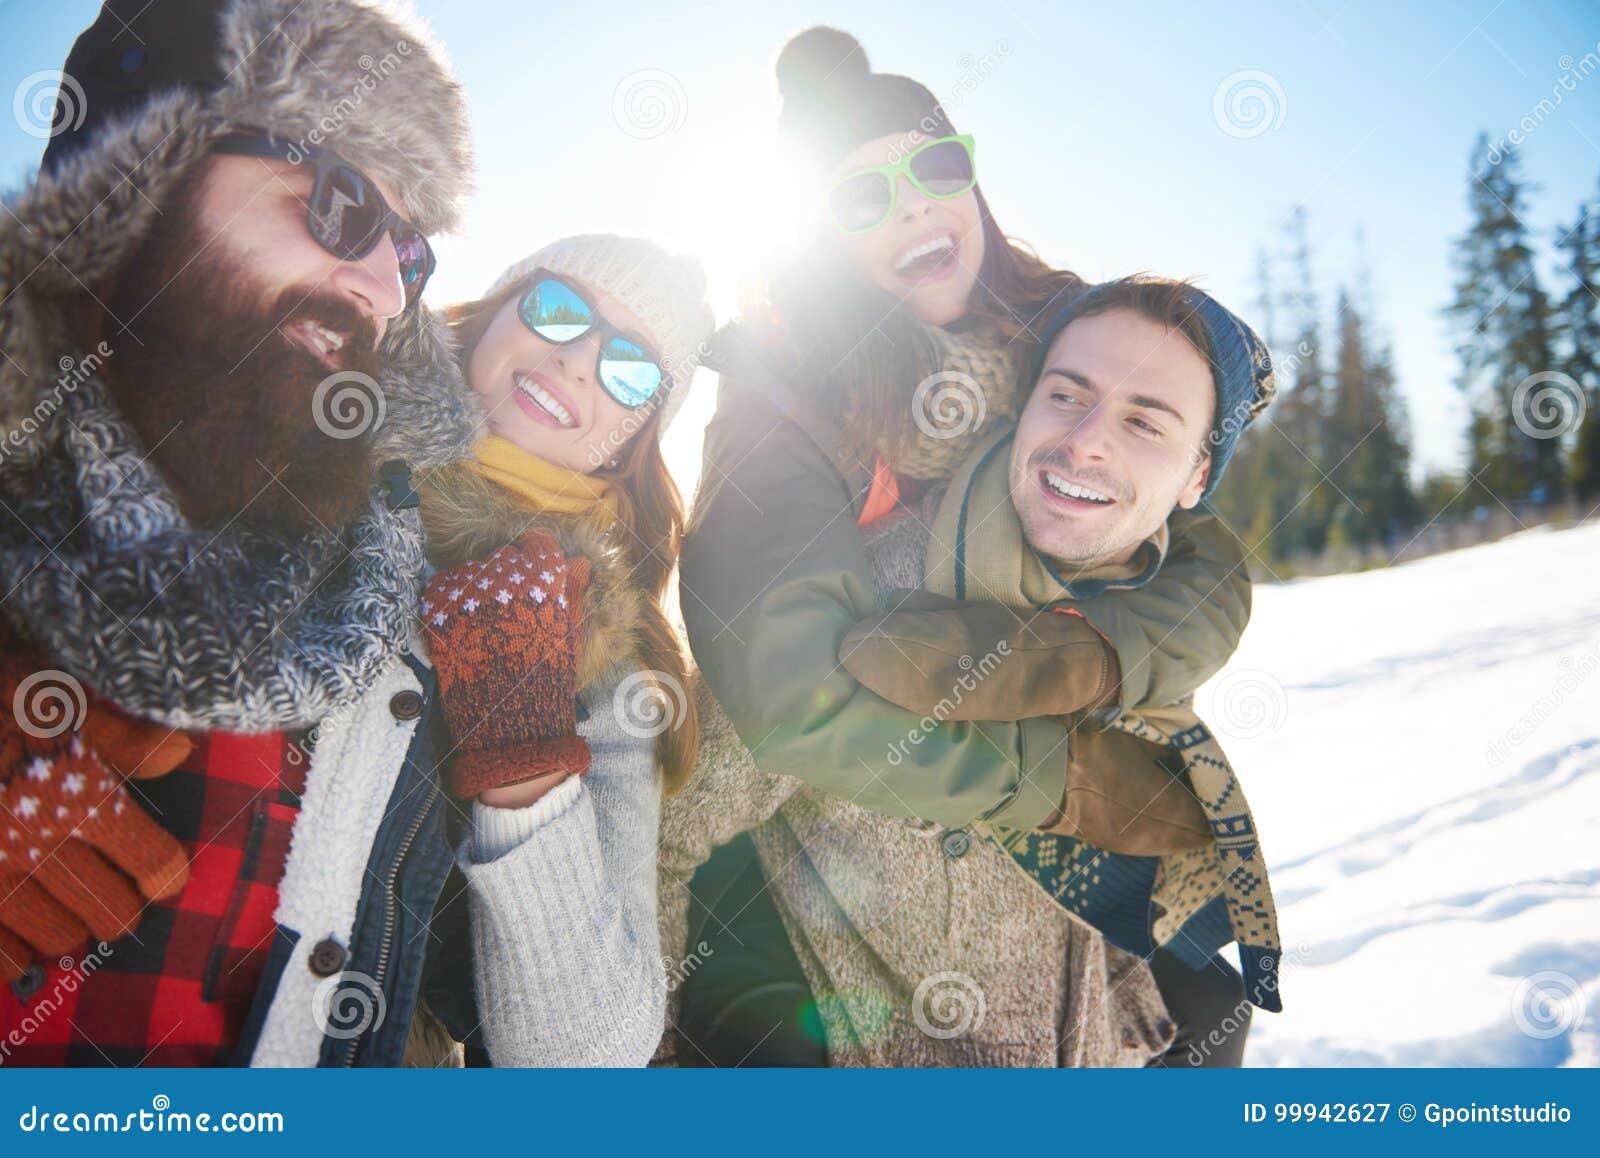 Feriado de inverno